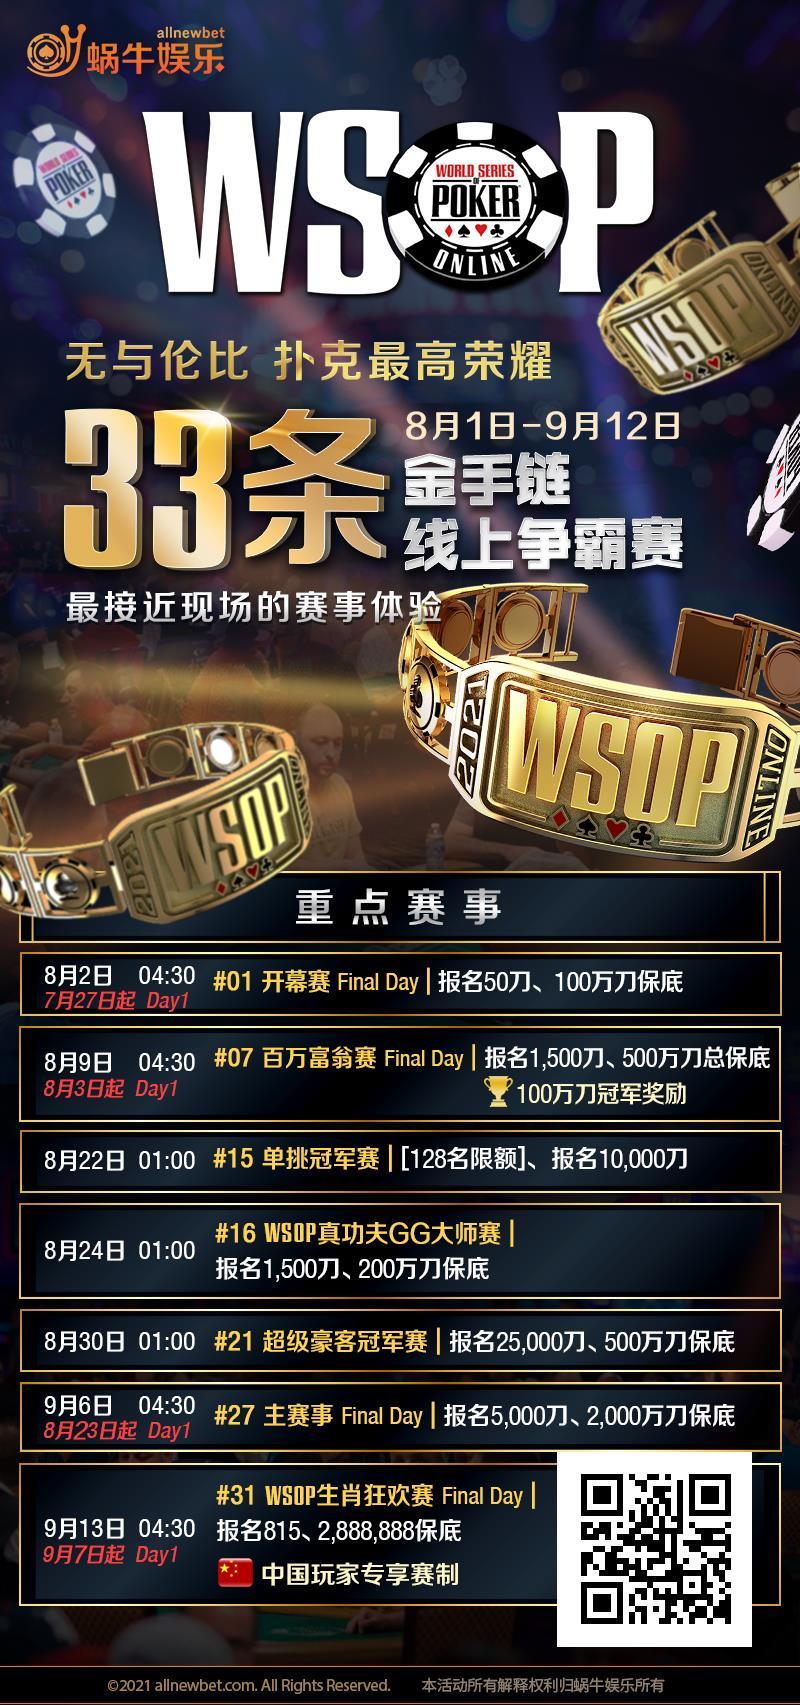 【蜗牛扑克】WSOP金手链本周末抢先起跑,33条金手链线上争霸赛完整赛程表